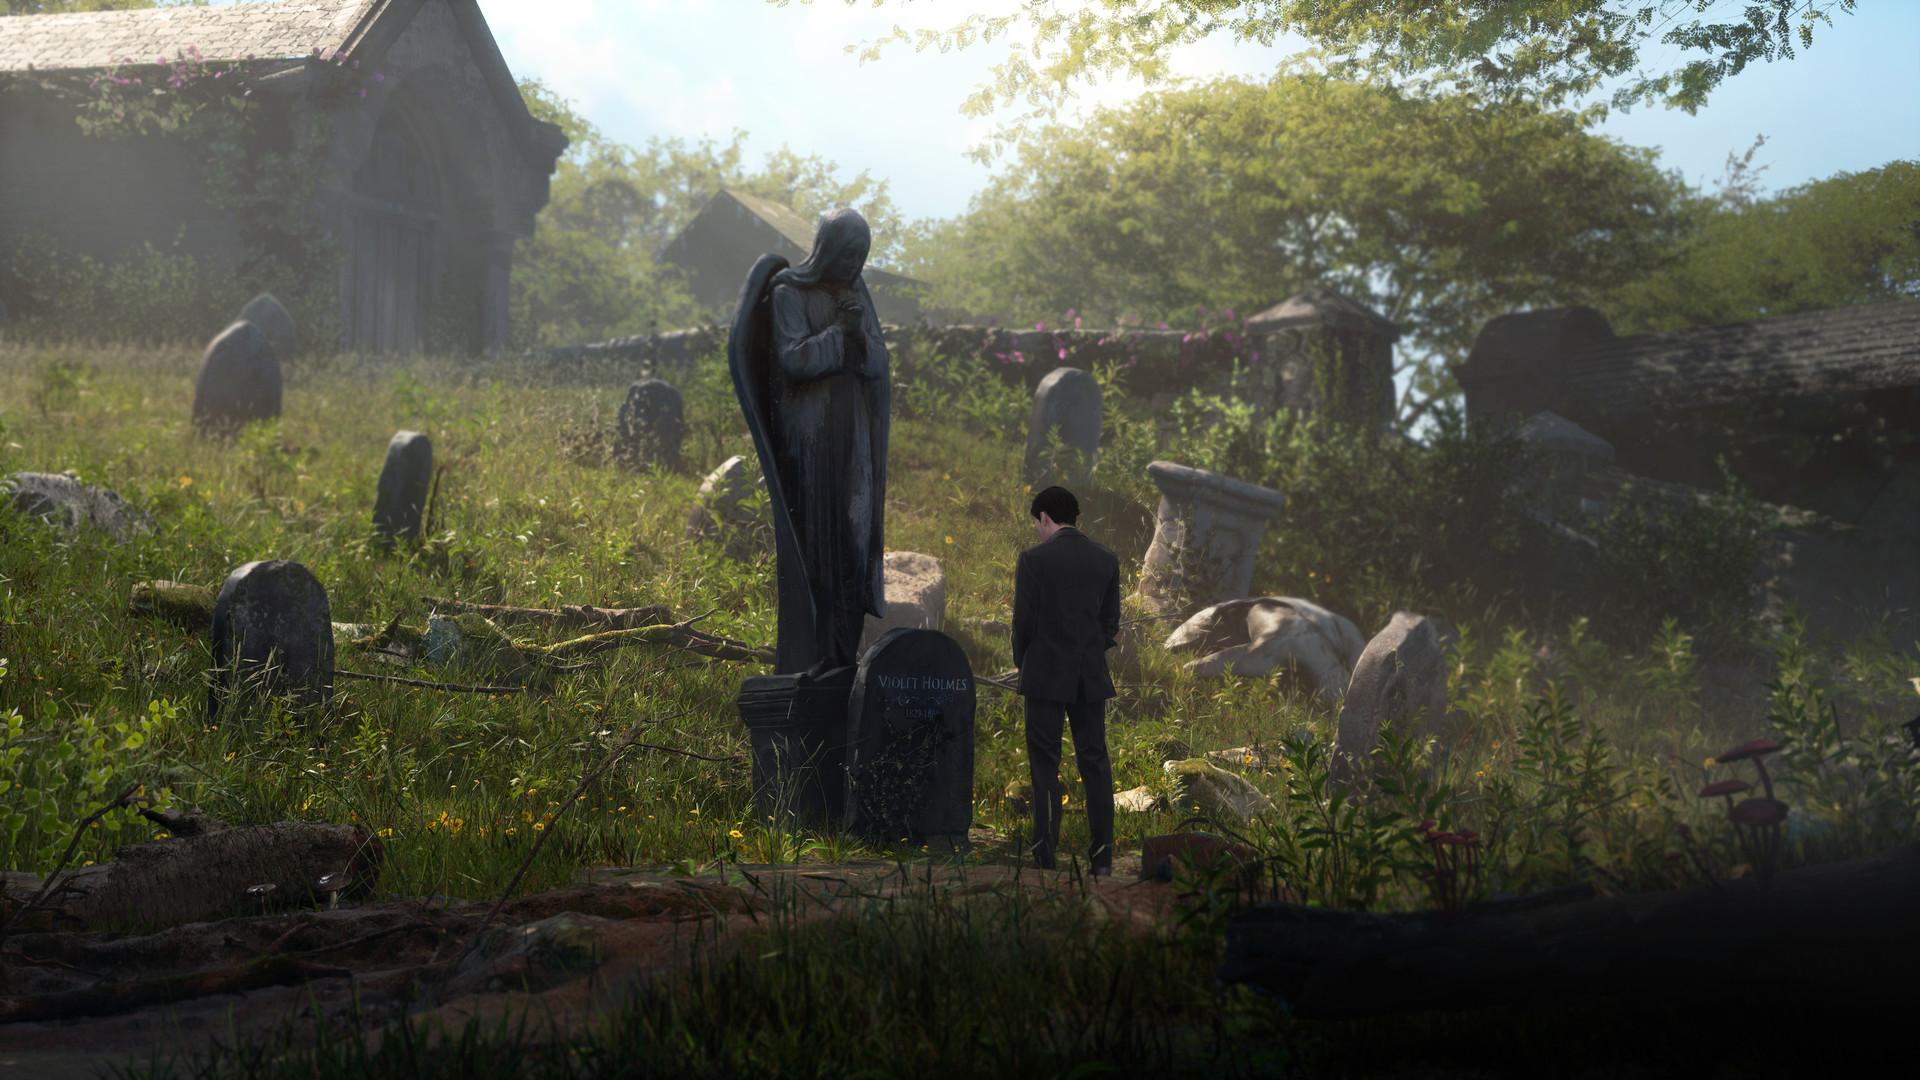 El joven Sherlock se para, a media distancia, frente a una gran tumba coronada por una estatua de ángel de aspecto triste.  Tiene la cabeza inclinada y, obviamente, también se siente triste.